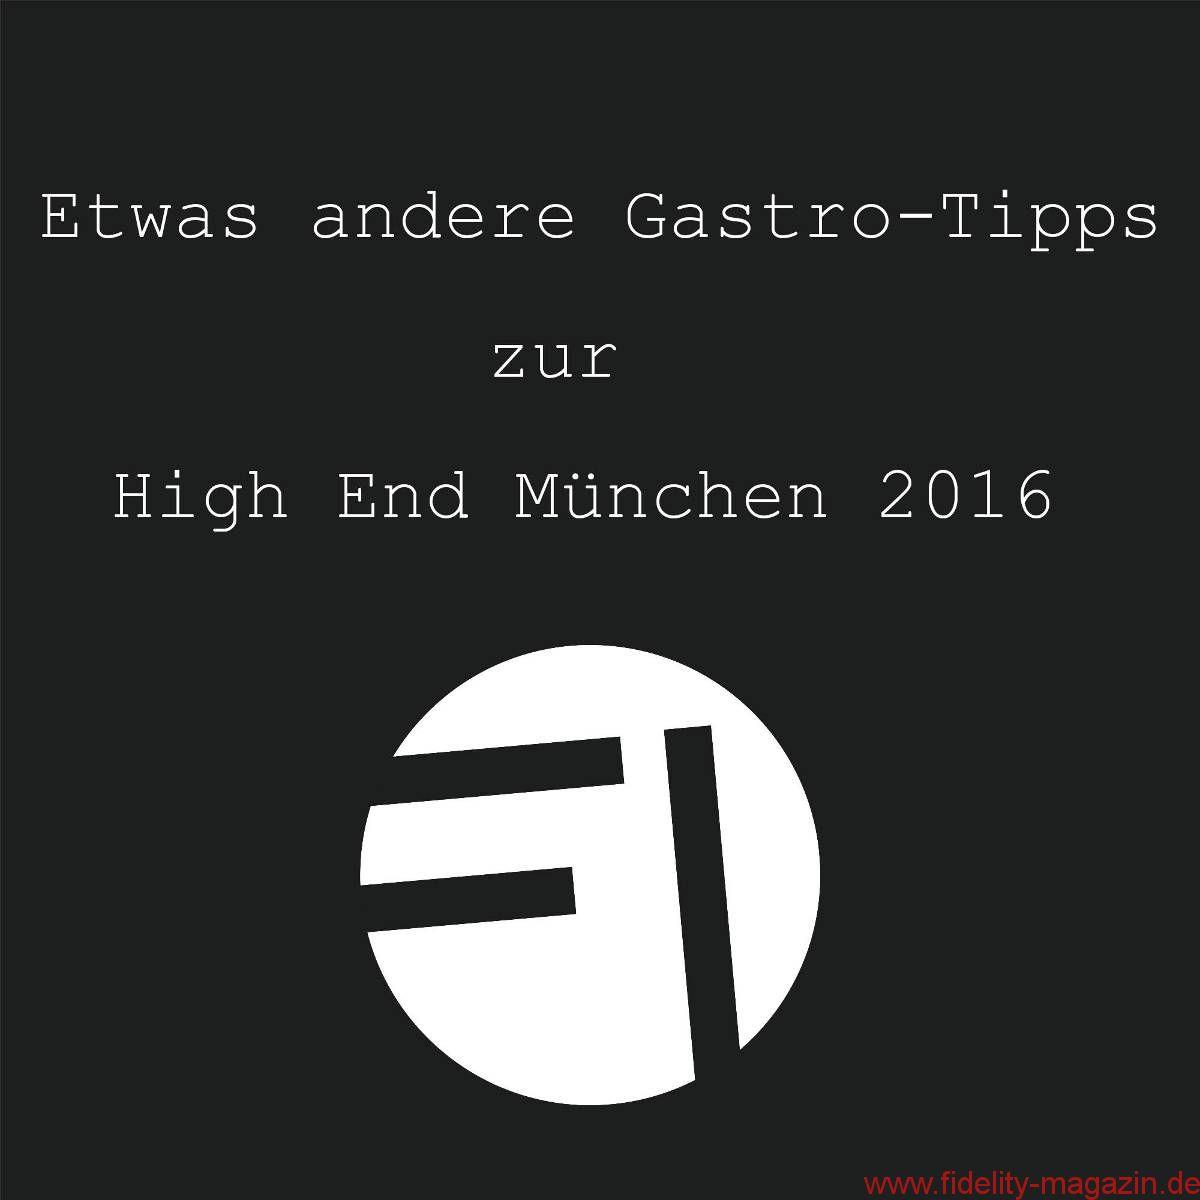 Etwas andere Gastro-Tipps zur High End München 2016